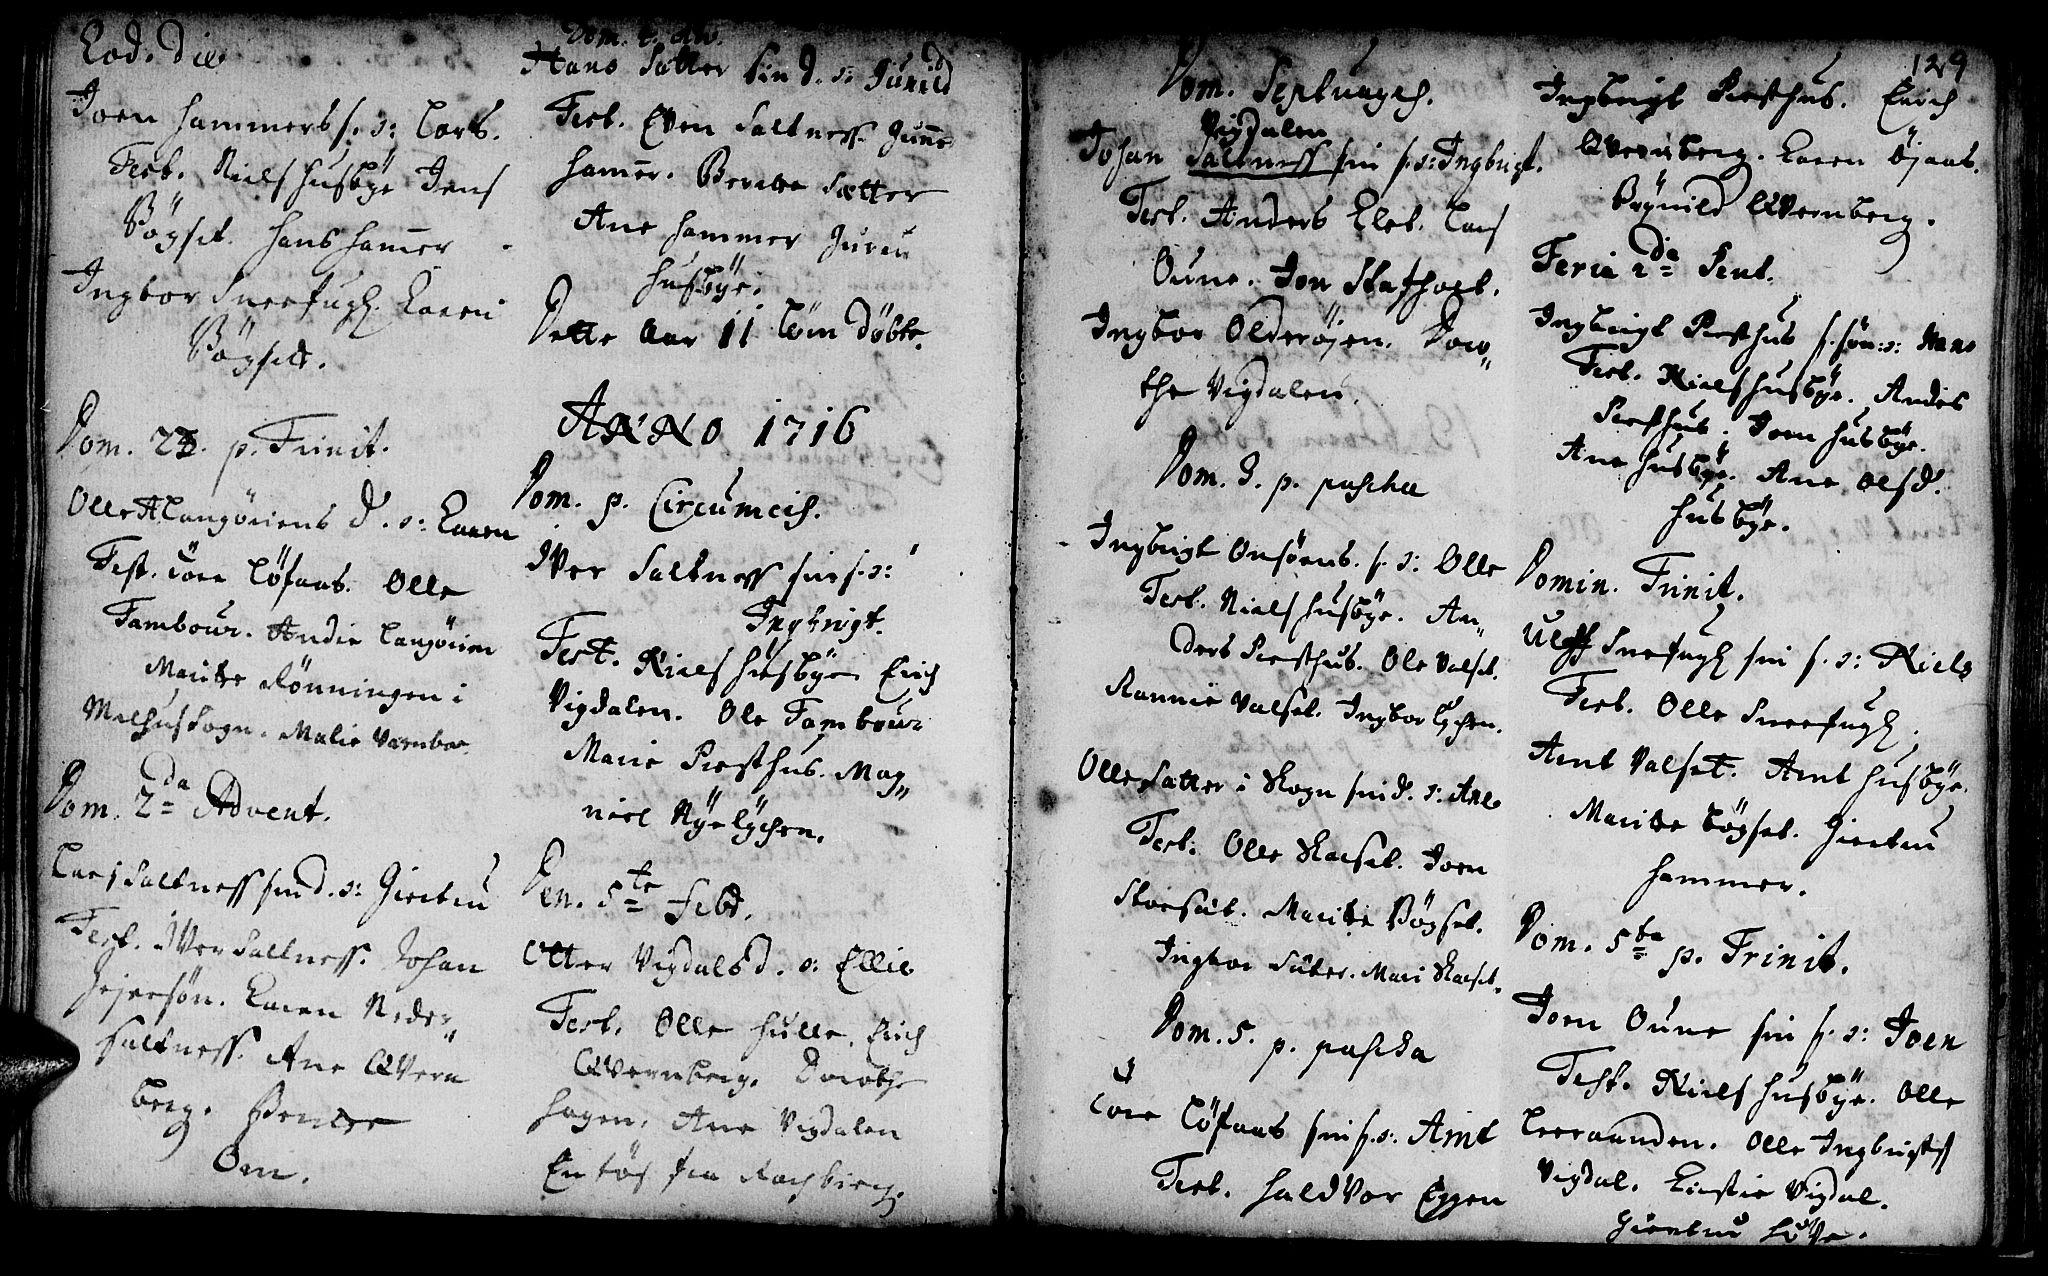 SAT, Ministerialprotokoller, klokkerbøker og fødselsregistre - Sør-Trøndelag, 666/L0783: Ministerialbok nr. 666A01, 1702-1753, s. 129